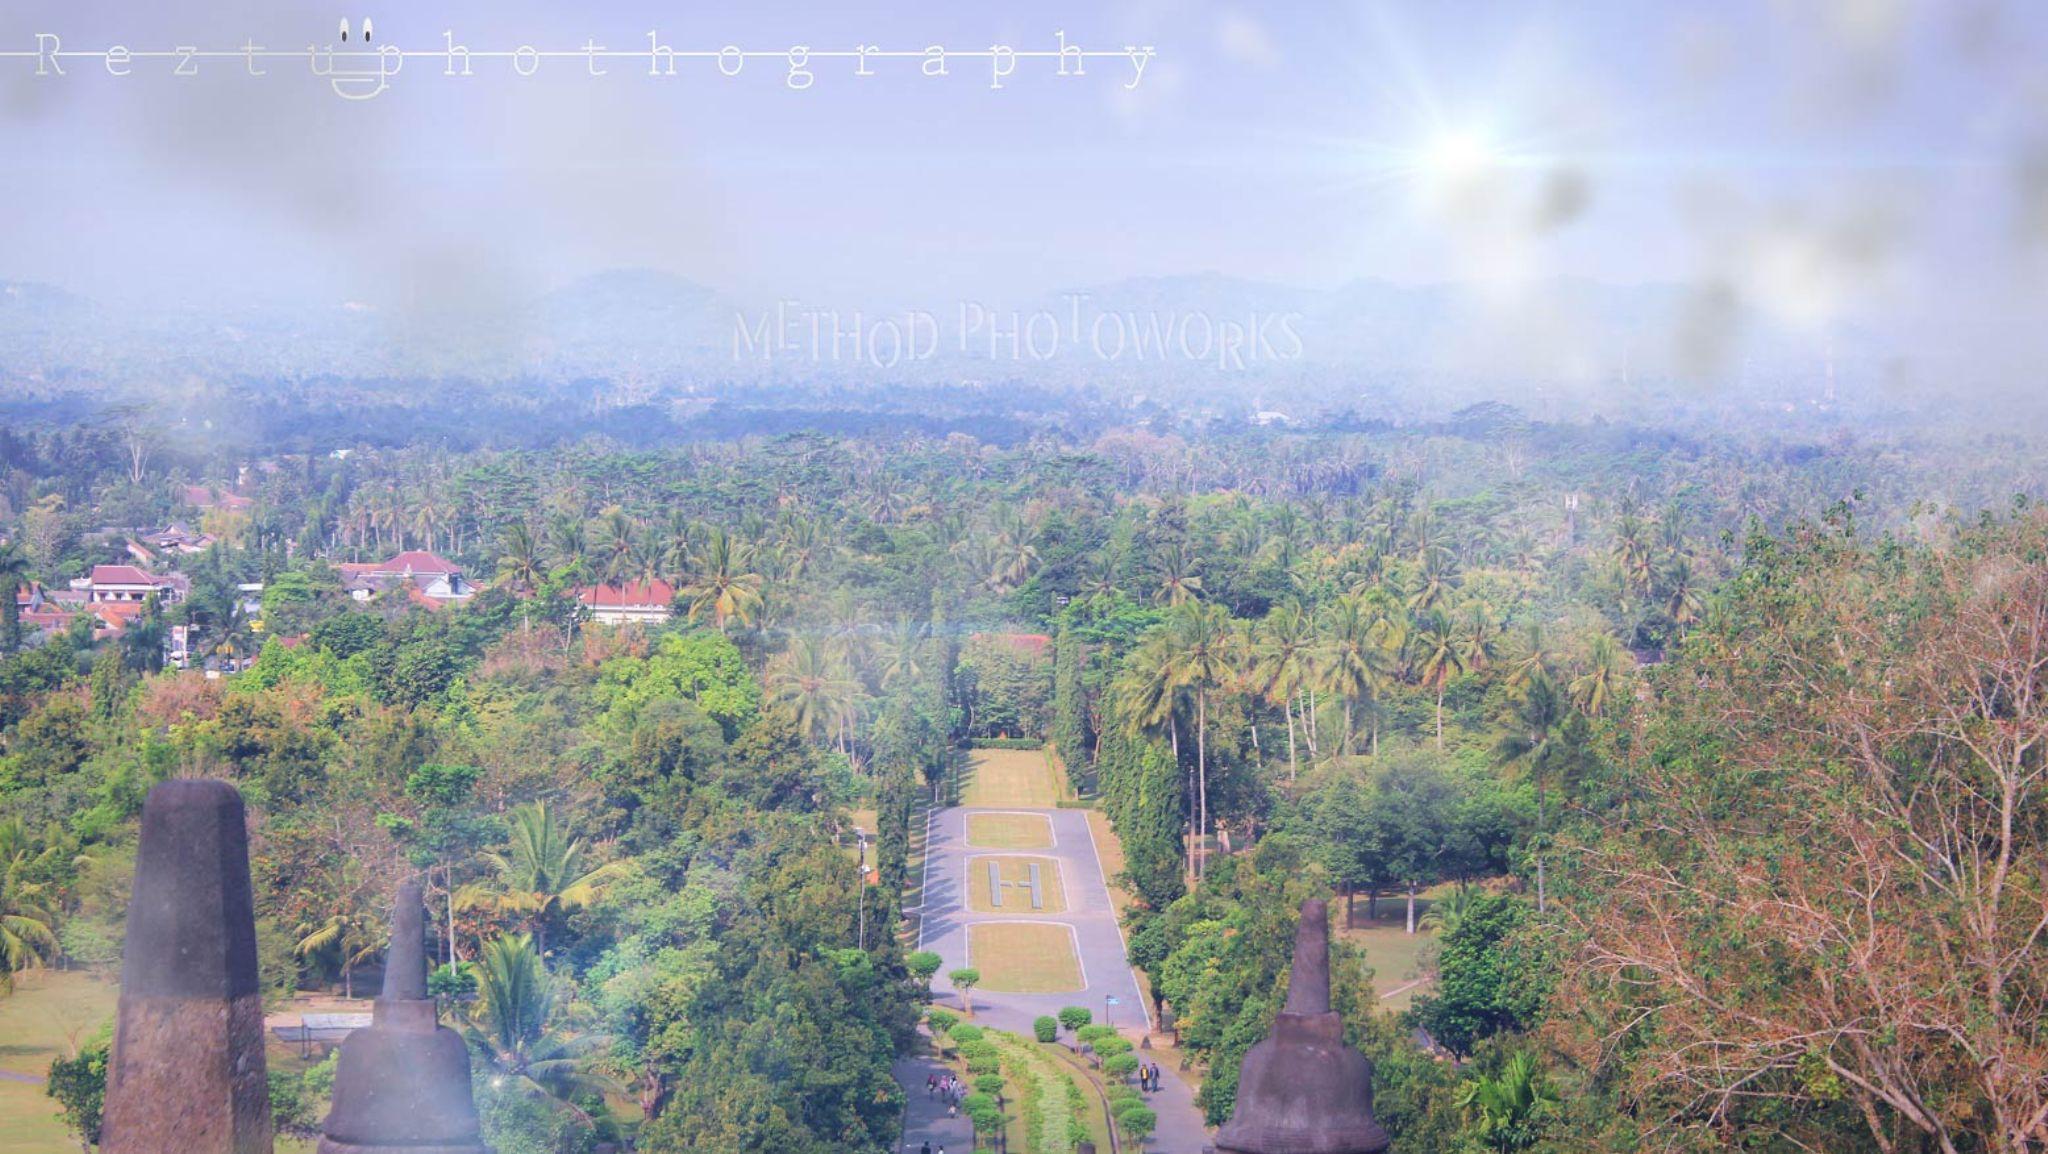 Landscapes Borobudur by Reztu Photoworks